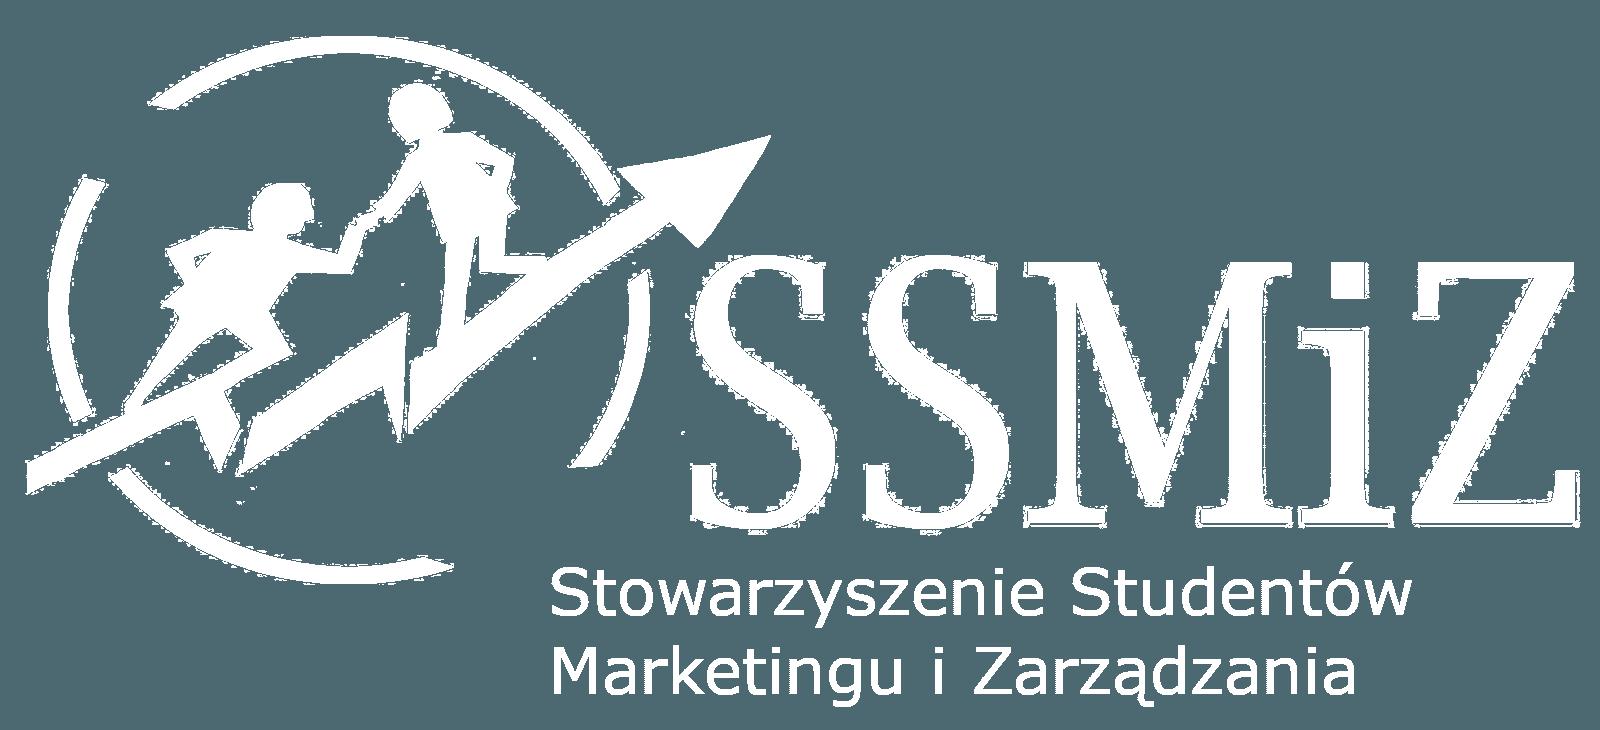 SSMiZ Polska